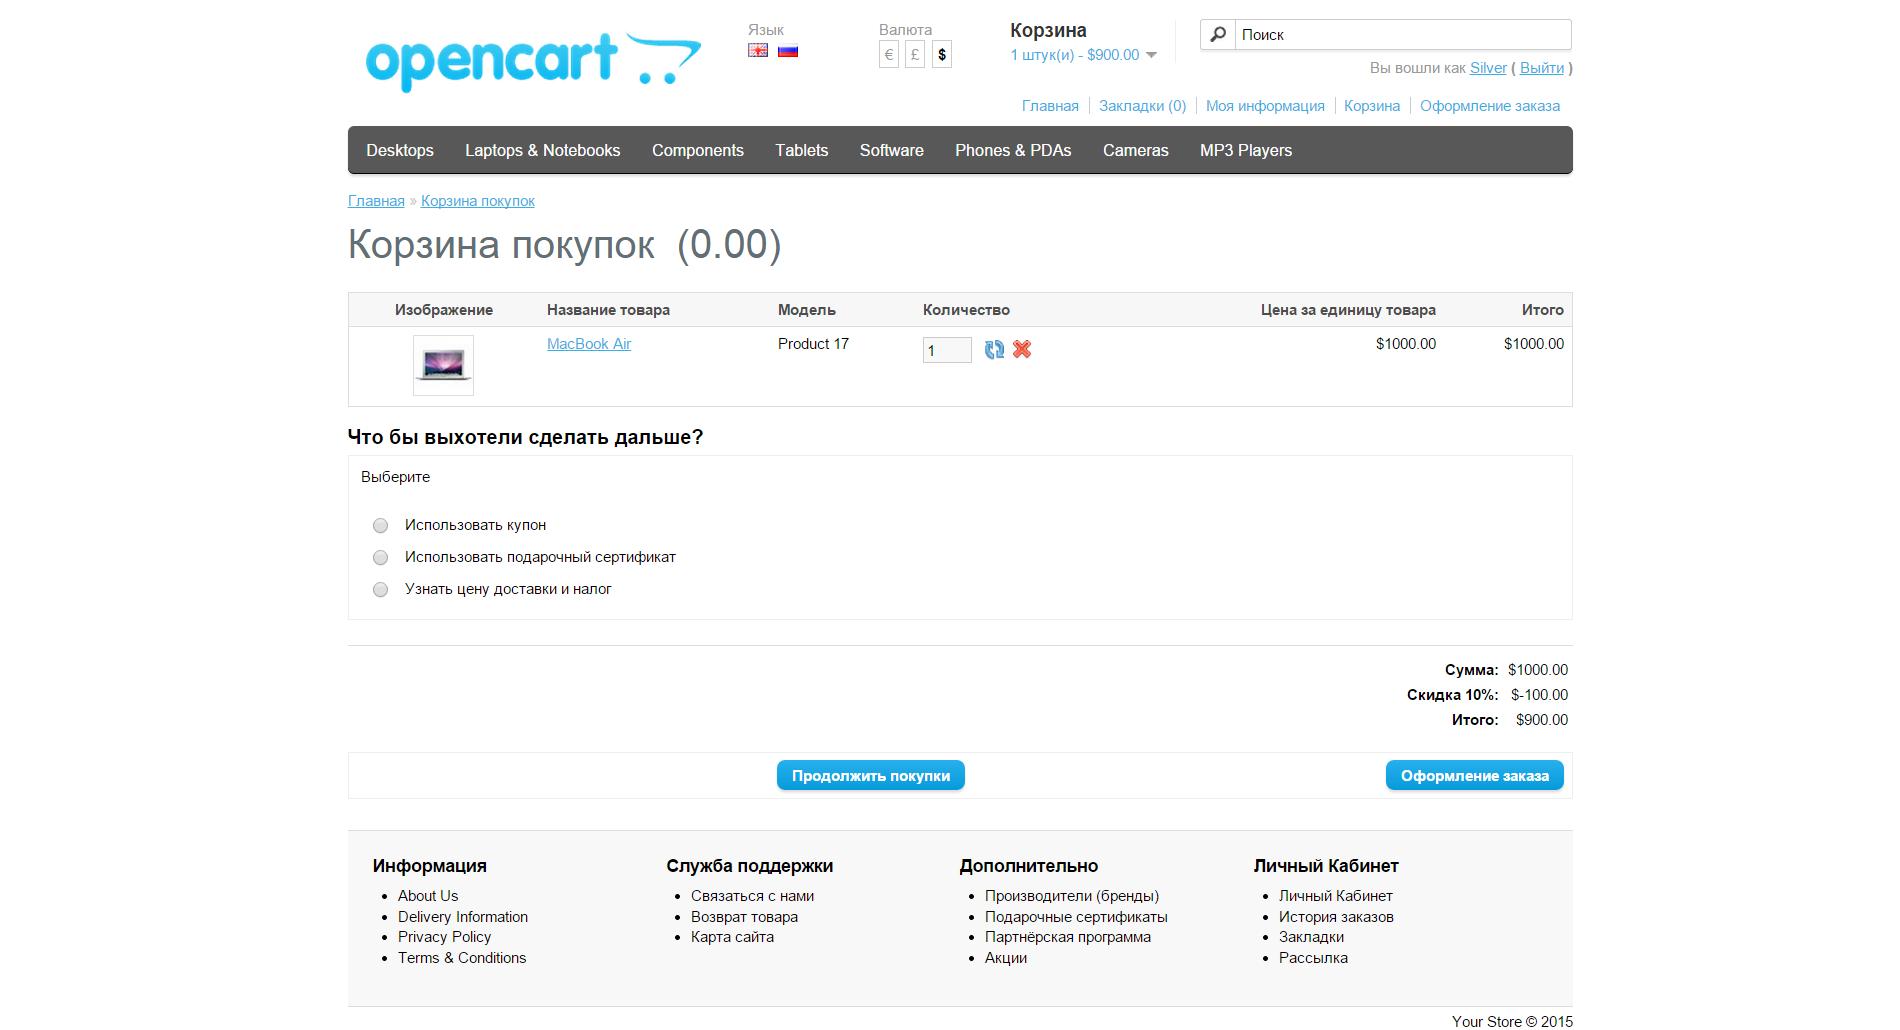 """Скидки для групп покупателей Opencart: демо группа """"Серебряный"""""""